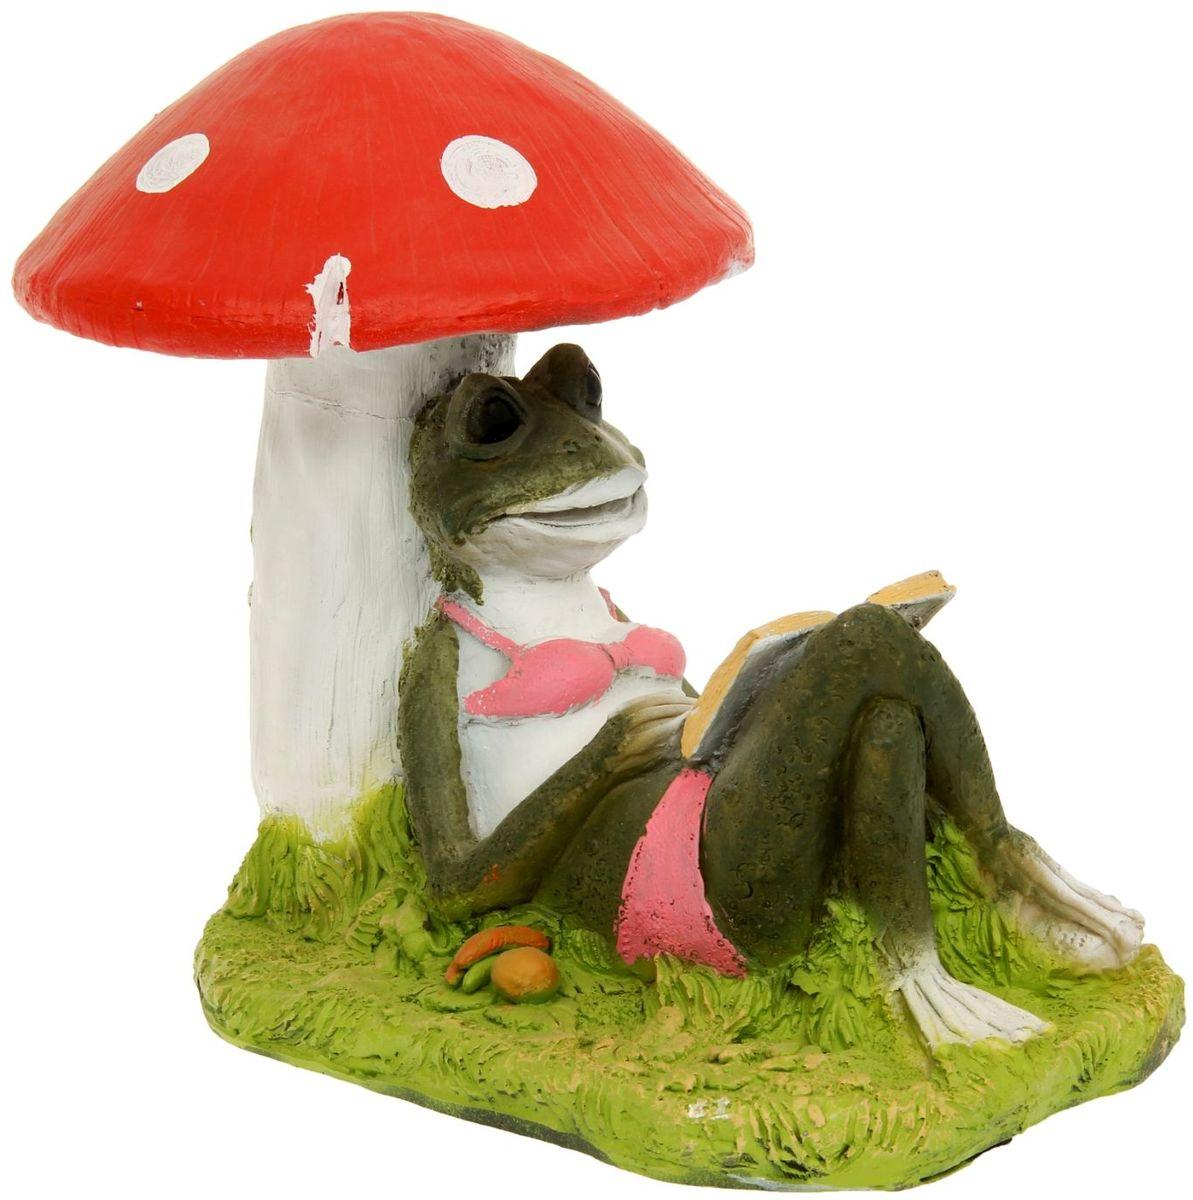 Фигура садовая Лягушка под грибом с книжкой, 25 х 45 х 35 см1126902Забавные лягушки добавят новые краски в ландшафт сада. Красочная садовая фигура легко расставит нужные акценты: приманит взор к водоему или привлечет внимание к цветочной клумбе. Гармоничнее всего лягушата сморятся в местах своего природного обитания: располагайте их рядом с водой или в траве. Садовая фигура из полистоуна (искусственного камня) — оптимальное решение для уличных условий. Этот материал не выцветает на солнце, даже если находится под воздействием ультрафиолета круглый год. Искусственный камень имеет низкую пористость, поэтому ему не страшна влага и на нем не появятся трещины. Садовая фигура будет хранить красоту сада долгие годы.